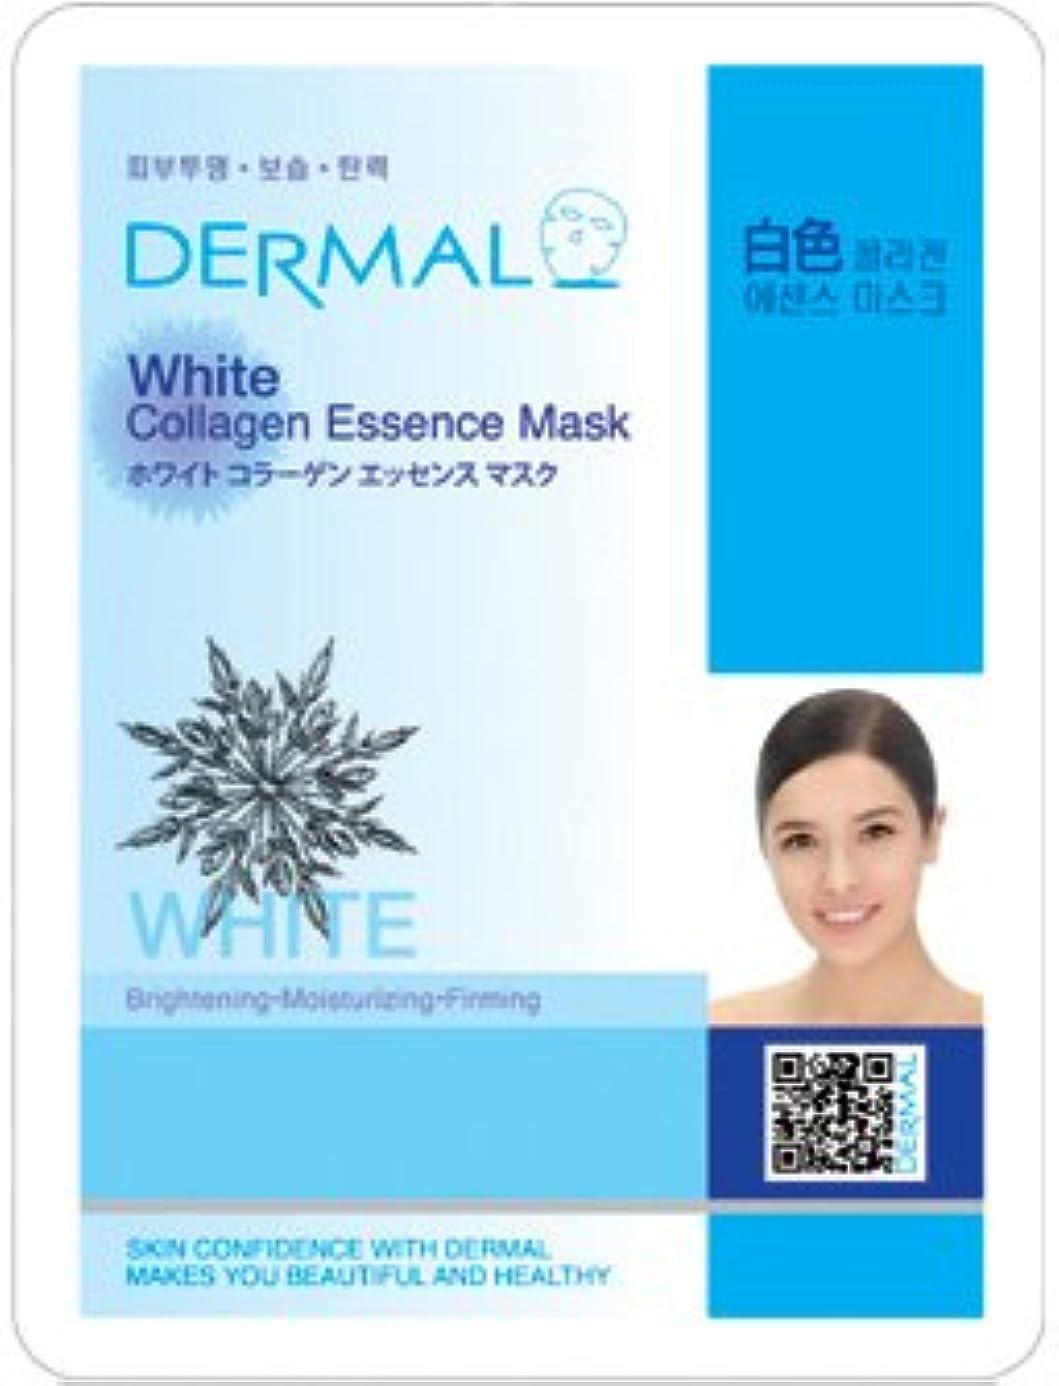 組み立てる対人ダイヤルシートマスク ホワイト 100枚セット ダーマル(Dermal) フェイス パック